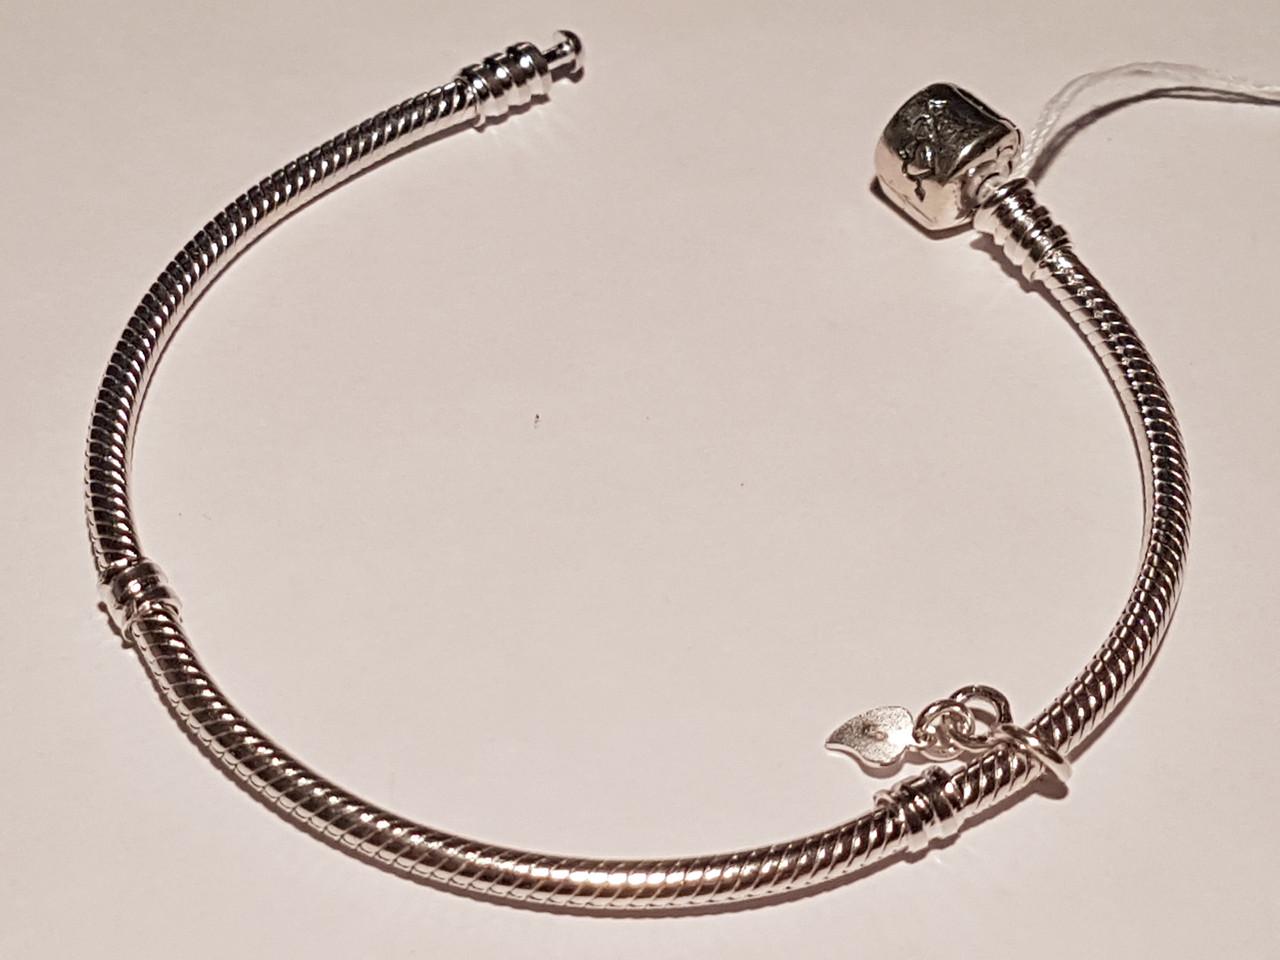 Срібний браслет-основа для шармов 701/19